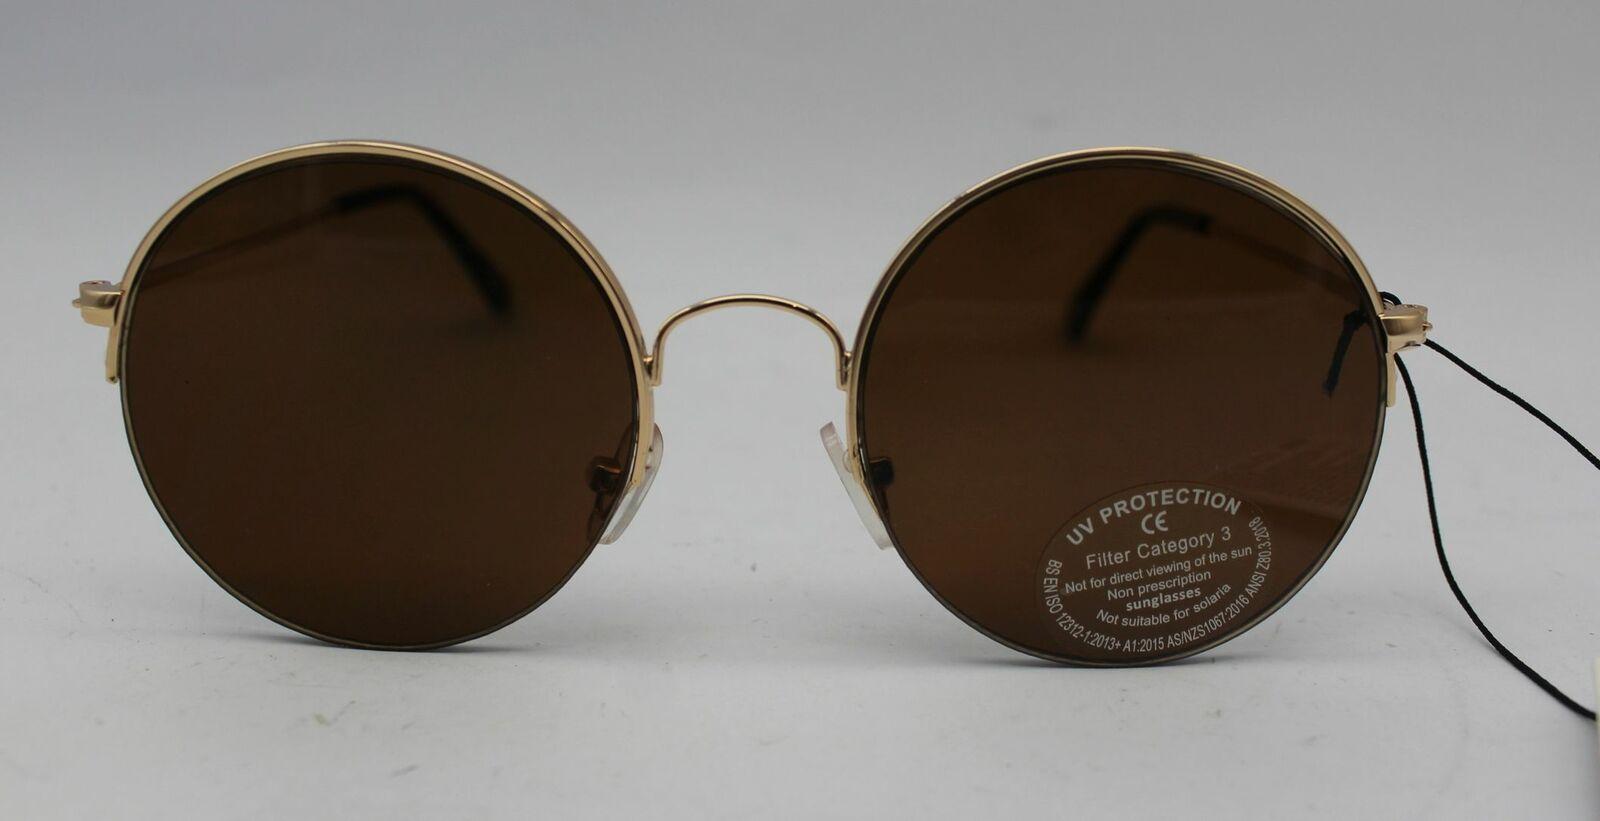 ASOS gafas de sol protección UV filtro category 3/13 cm de ancho